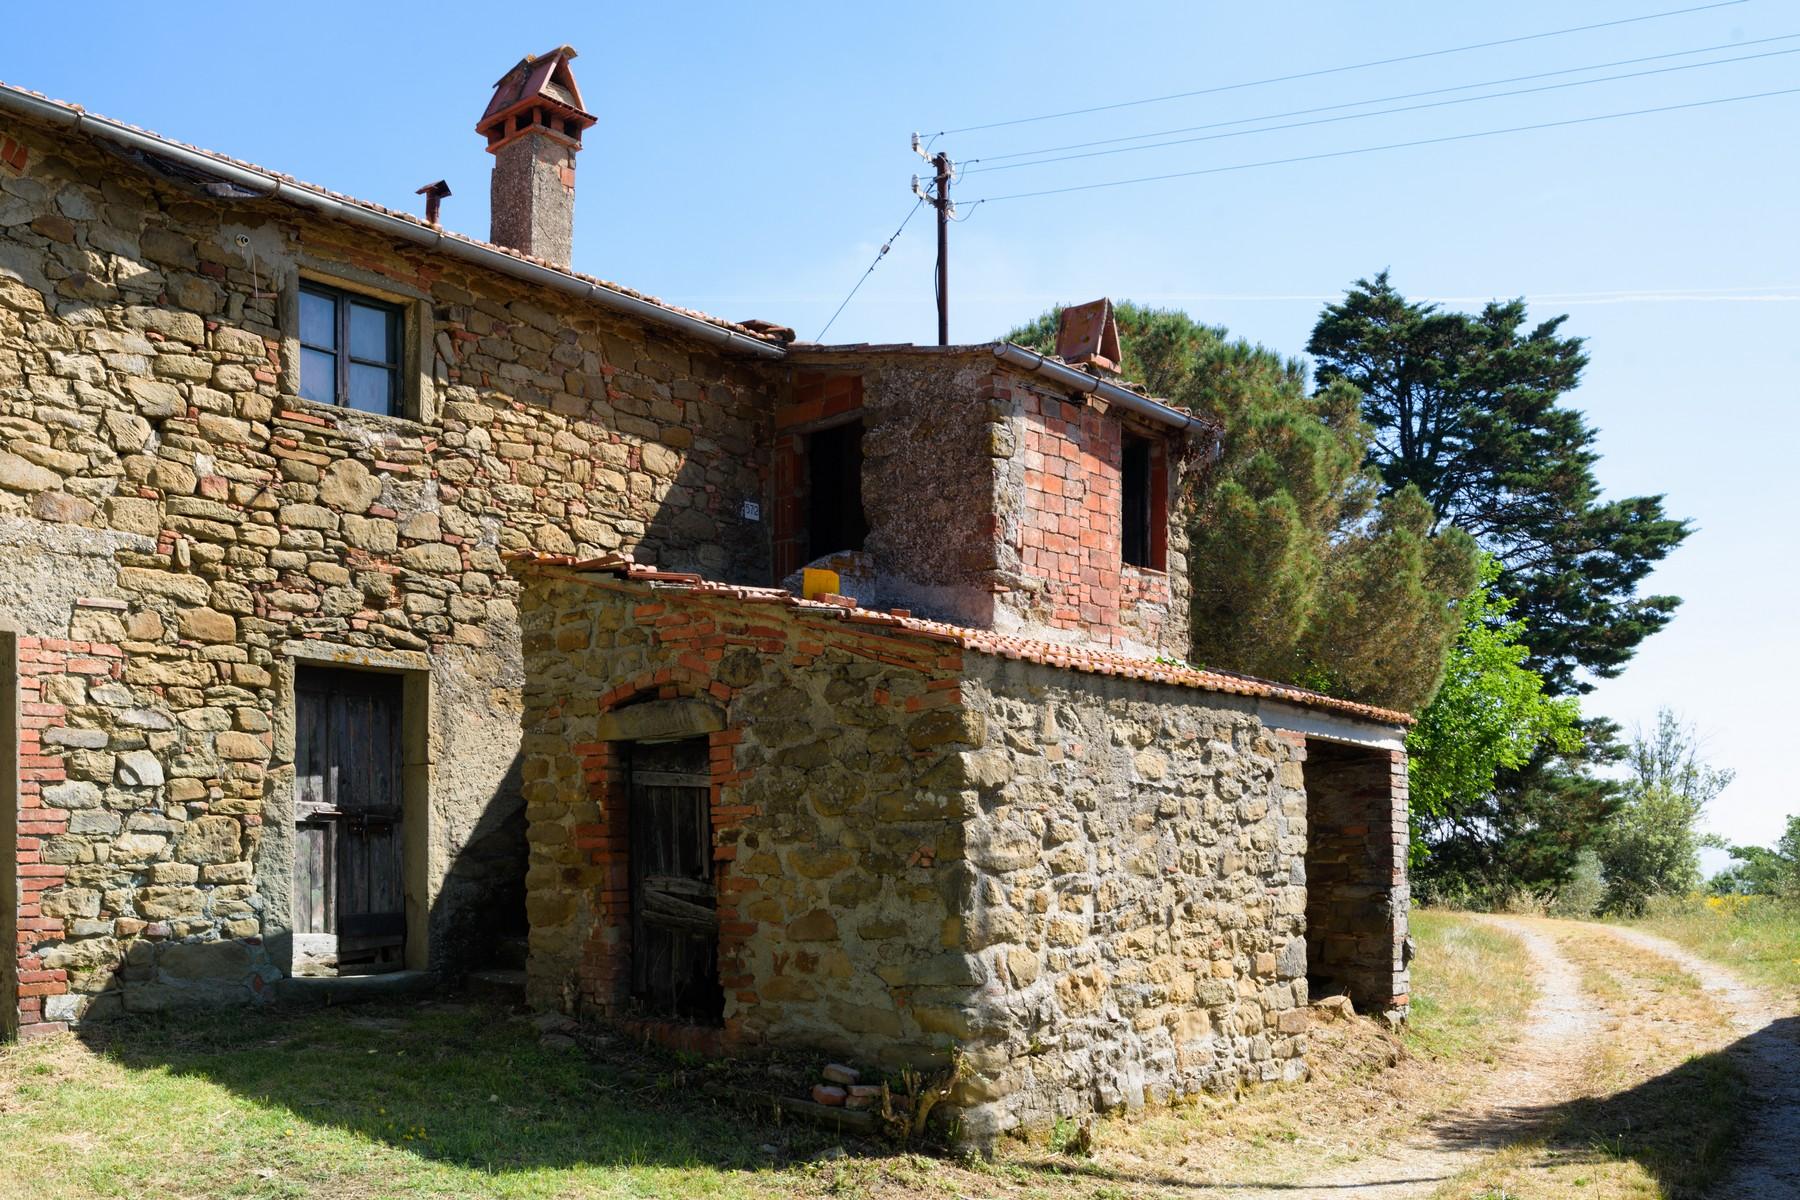 Rustico in Vendita a Monte San Savino: 5 locali, 370 mq - Foto 6